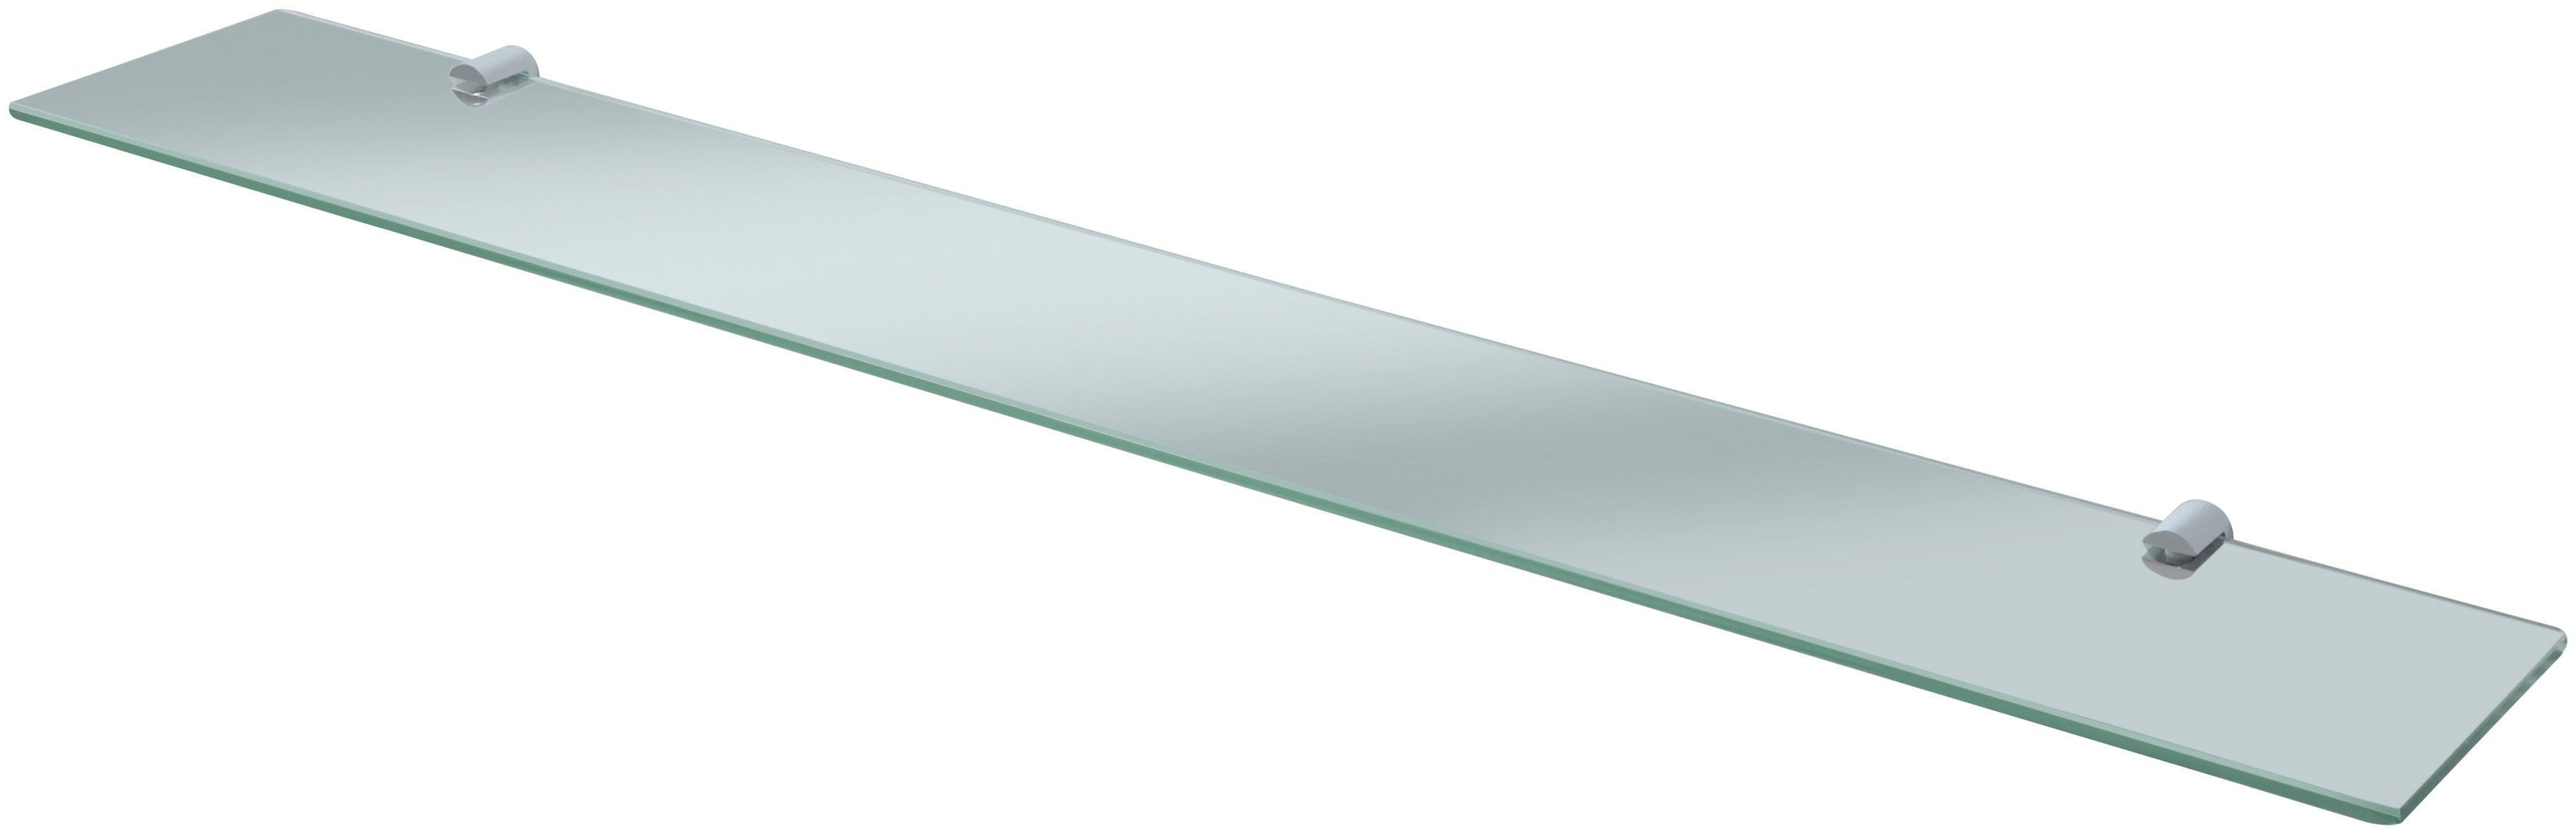 Glasregal / Glasablage , Breite 100 cm